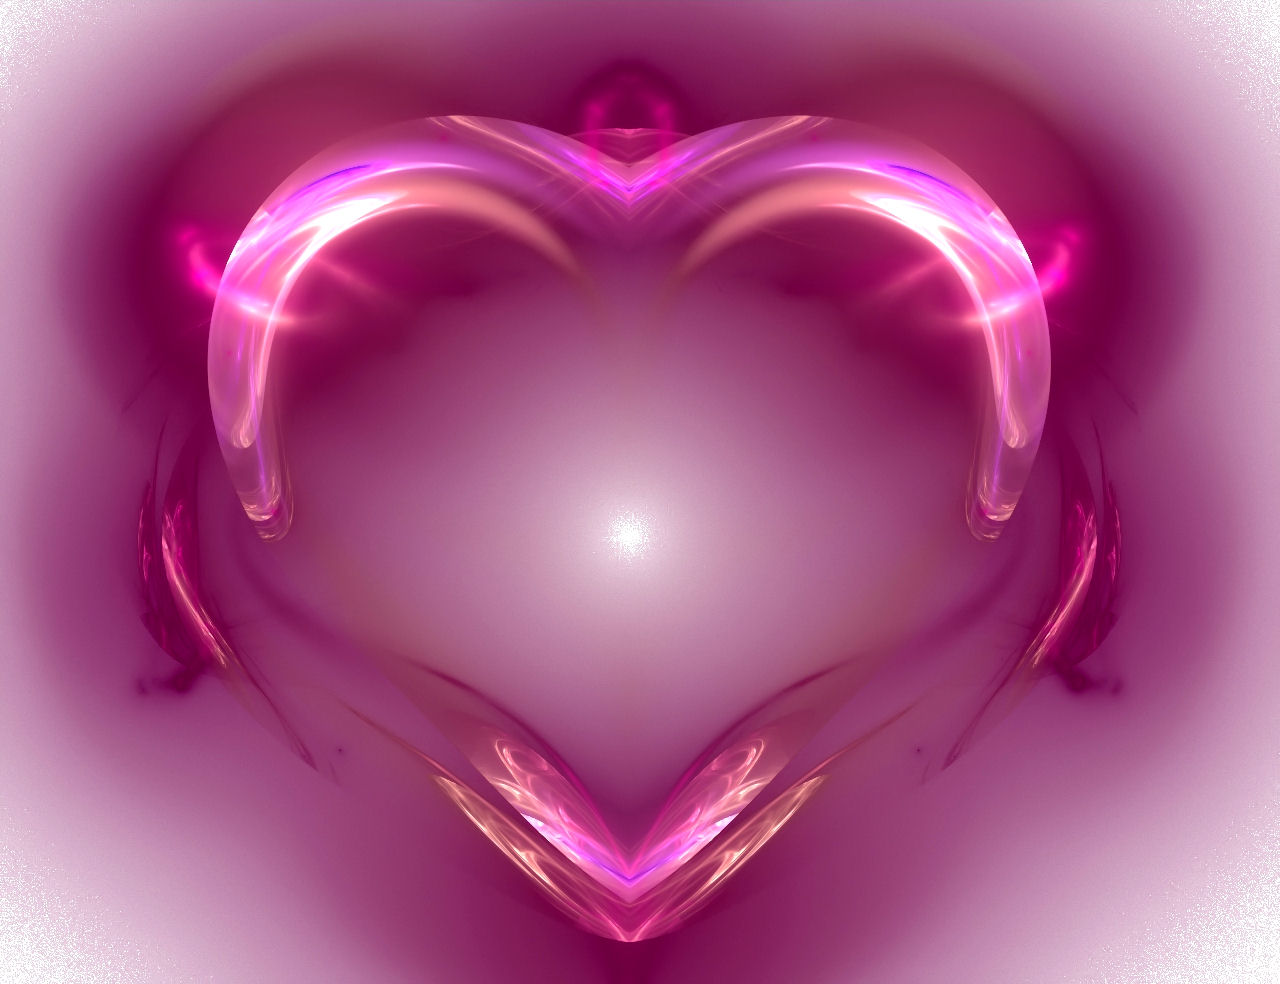 http://1.bp.blogspot.com/-_hju873onCg/TzdD2PCDLnI/AAAAAAAAAFM/m5ZdeXZQCcM/s1600/pink-love-wallpapers.jpg